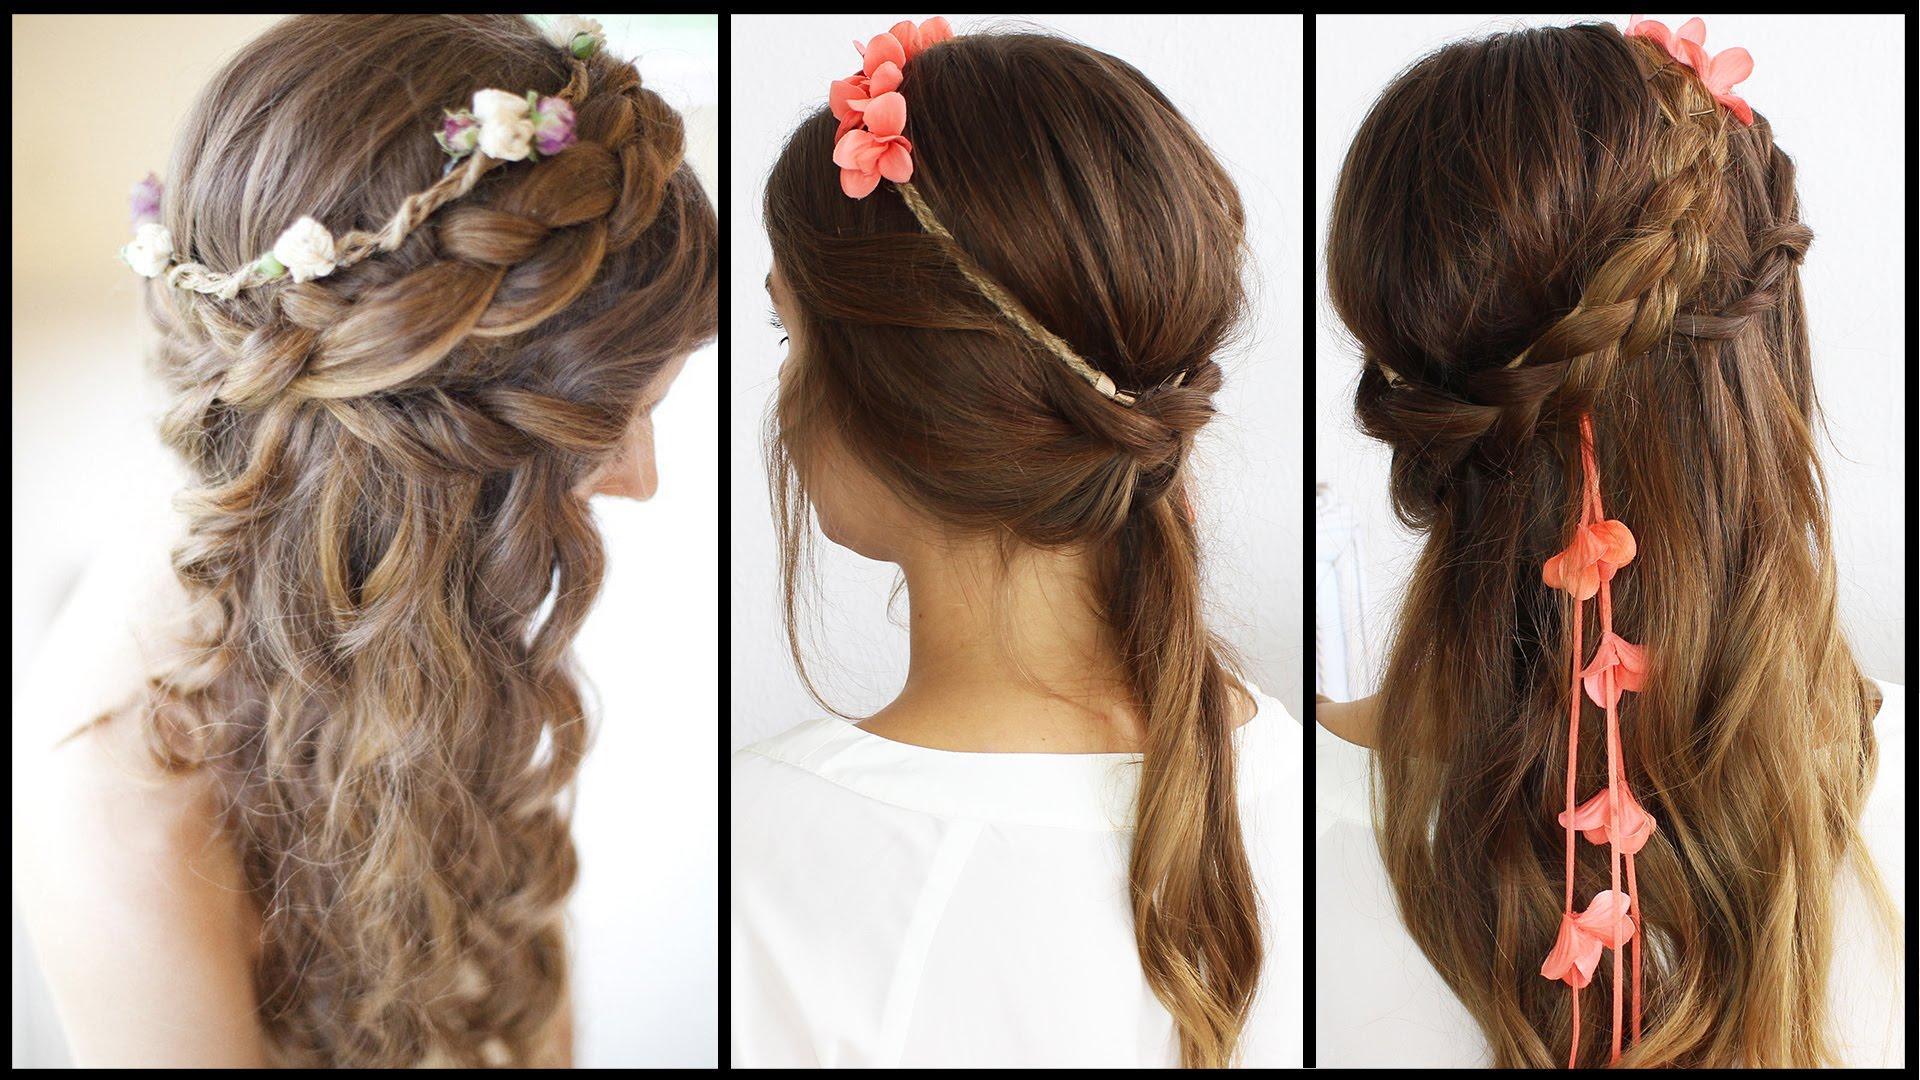 Haarband Frisur – Hochzeit, Abiball, Festliche Anlässe [frisuren Freitag]